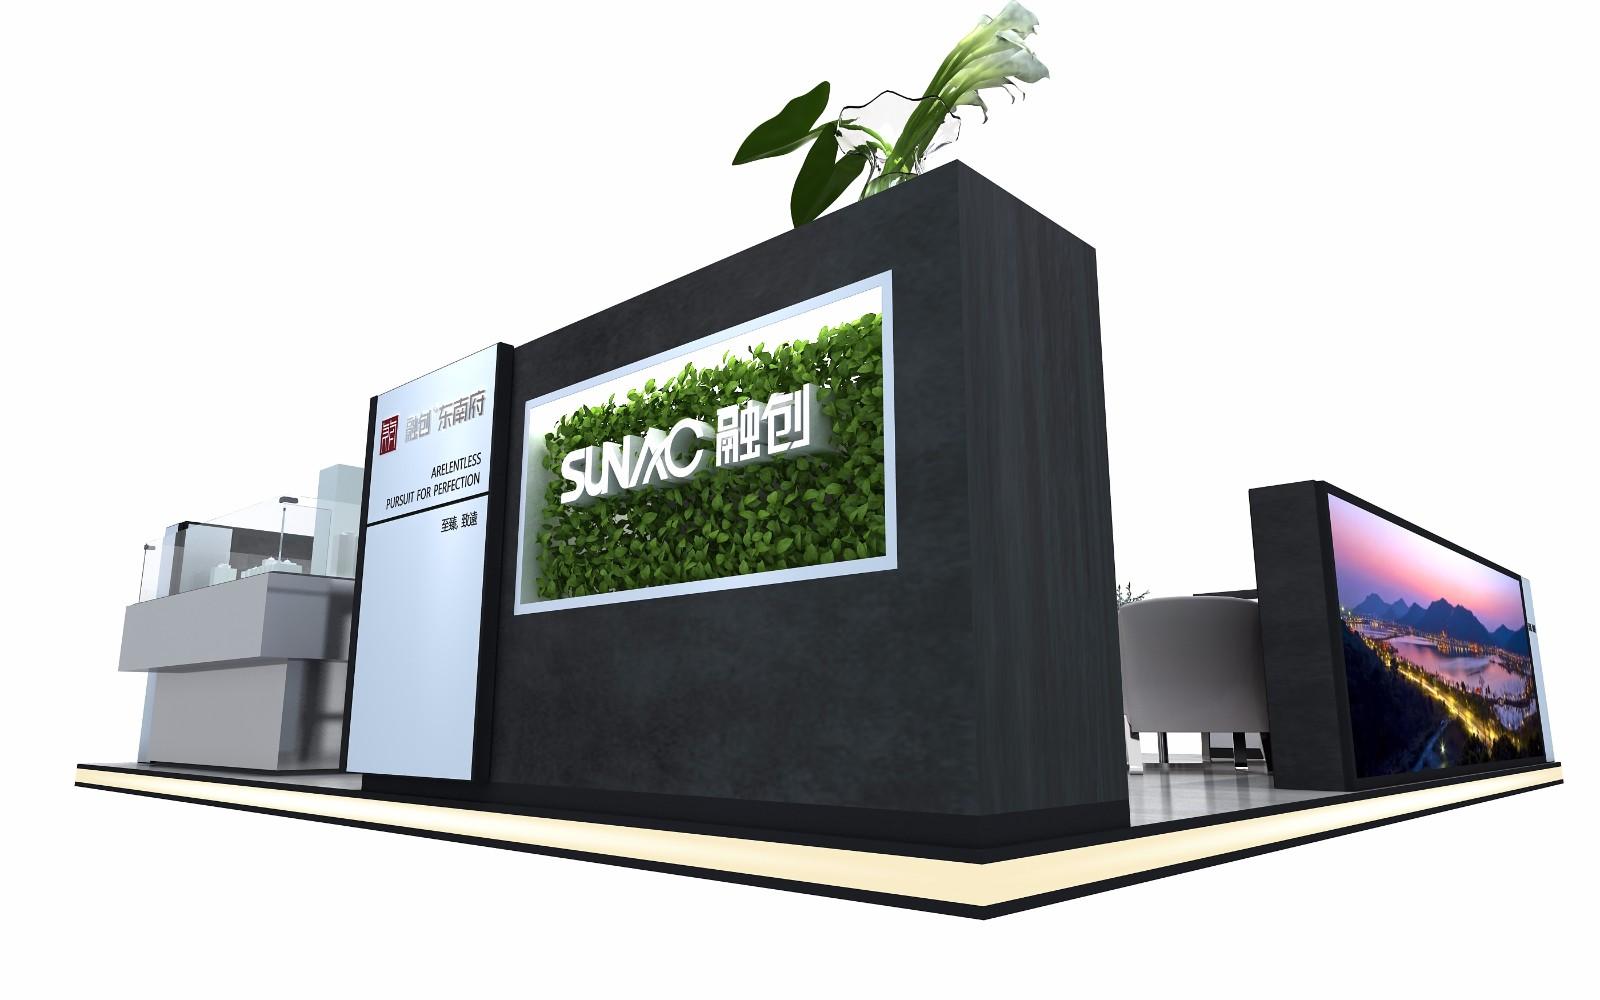 融创SM展台 商场展台-厦门市嘉维世纪会展服务有限公司